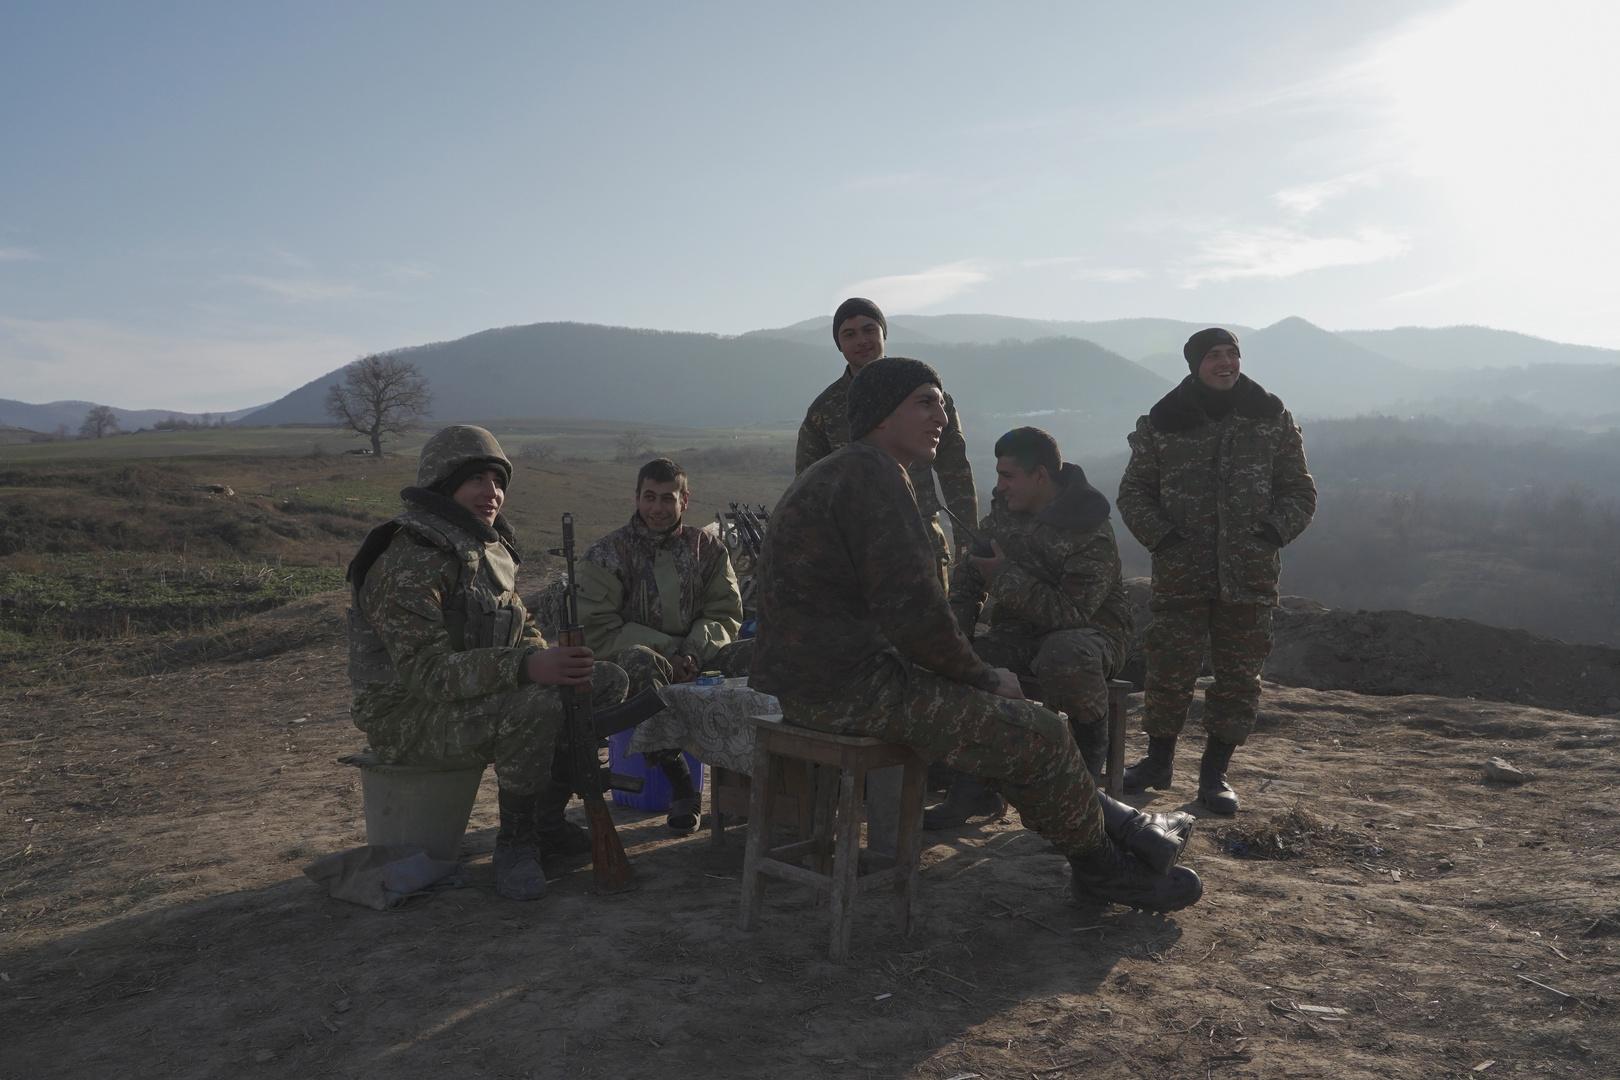 عسكريون أرمن في إقليم قره باغ.